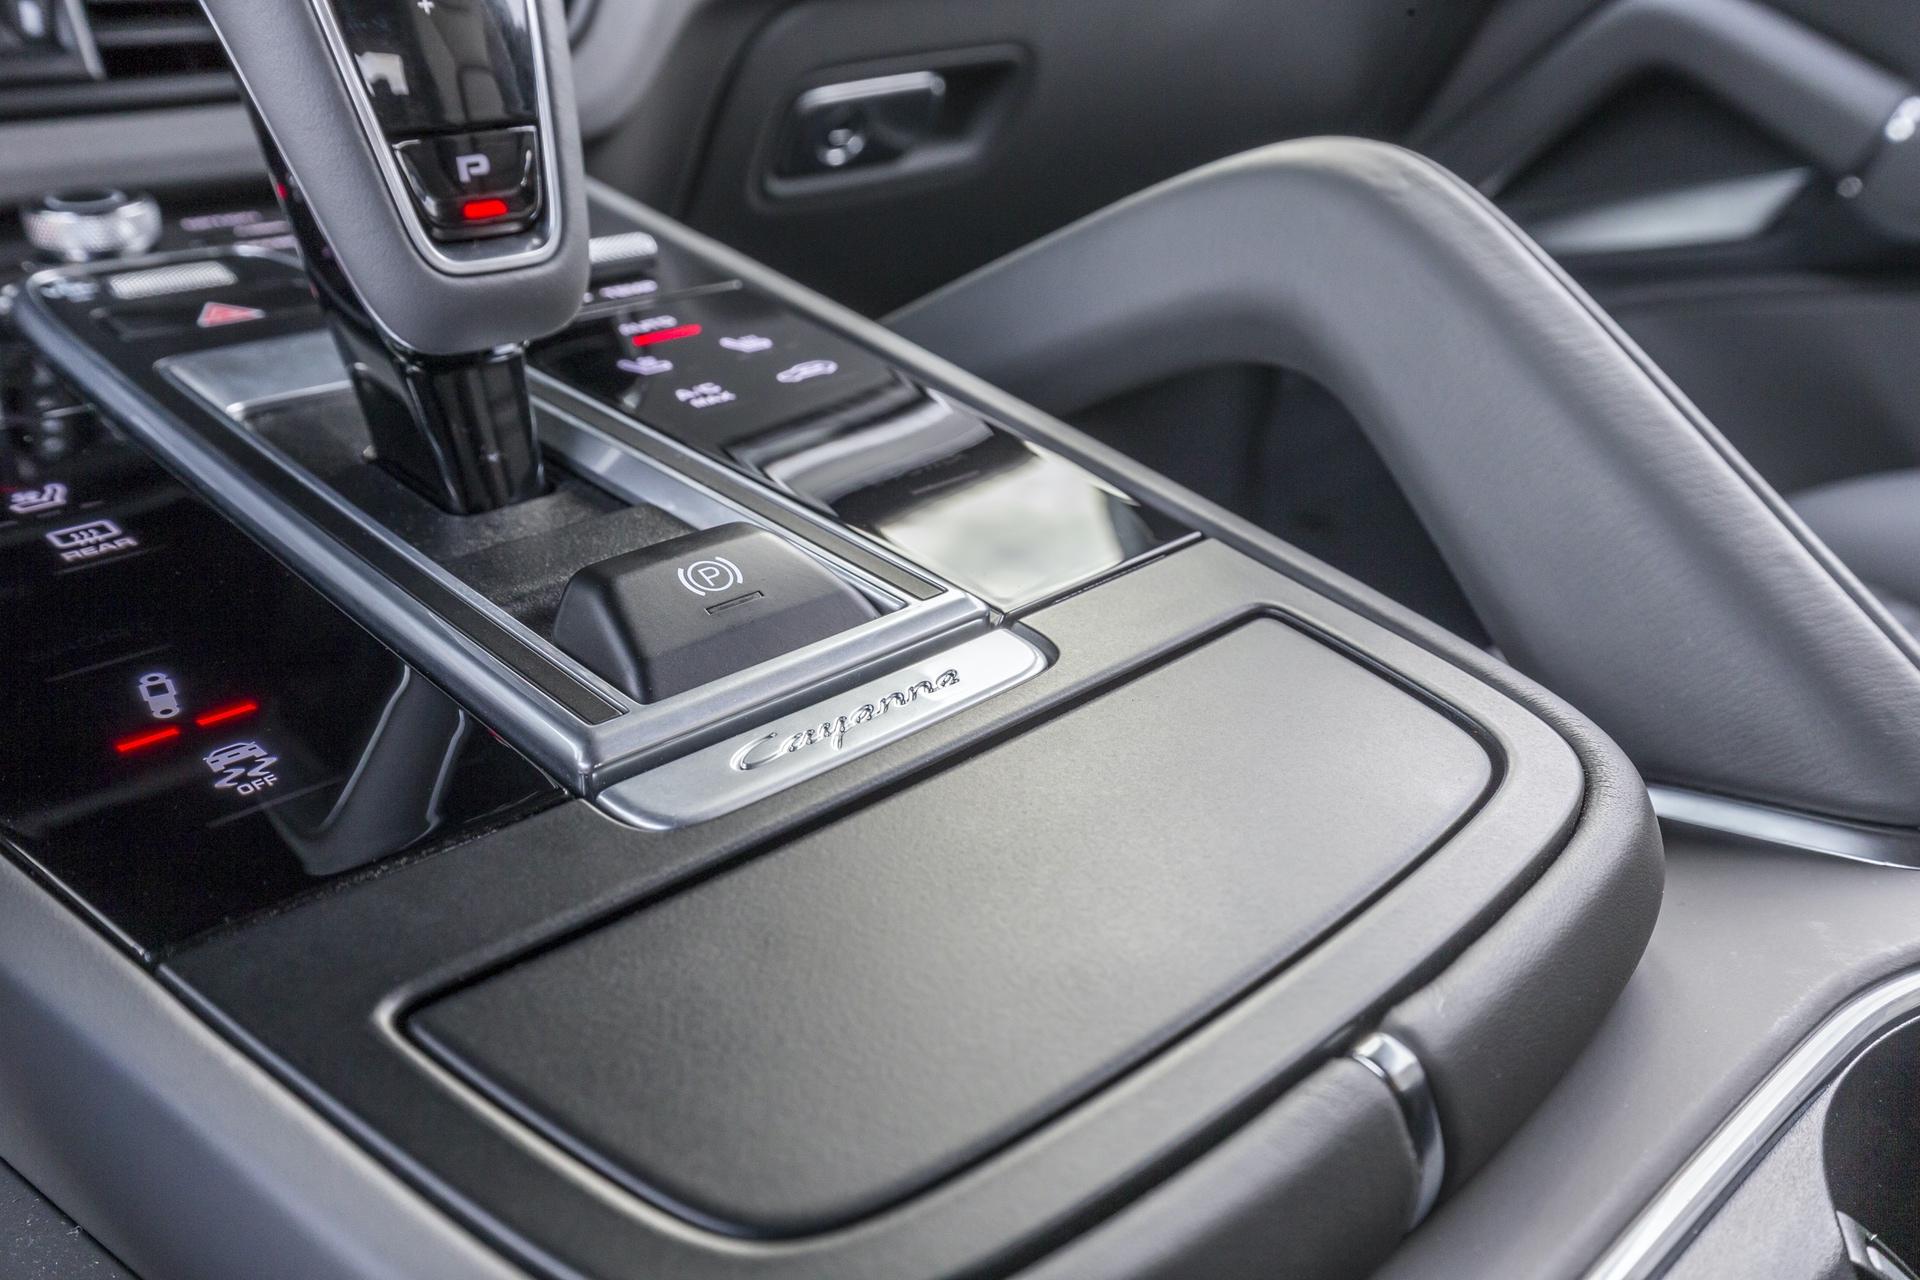 Test_Drive_Porsche_Cayenne_170